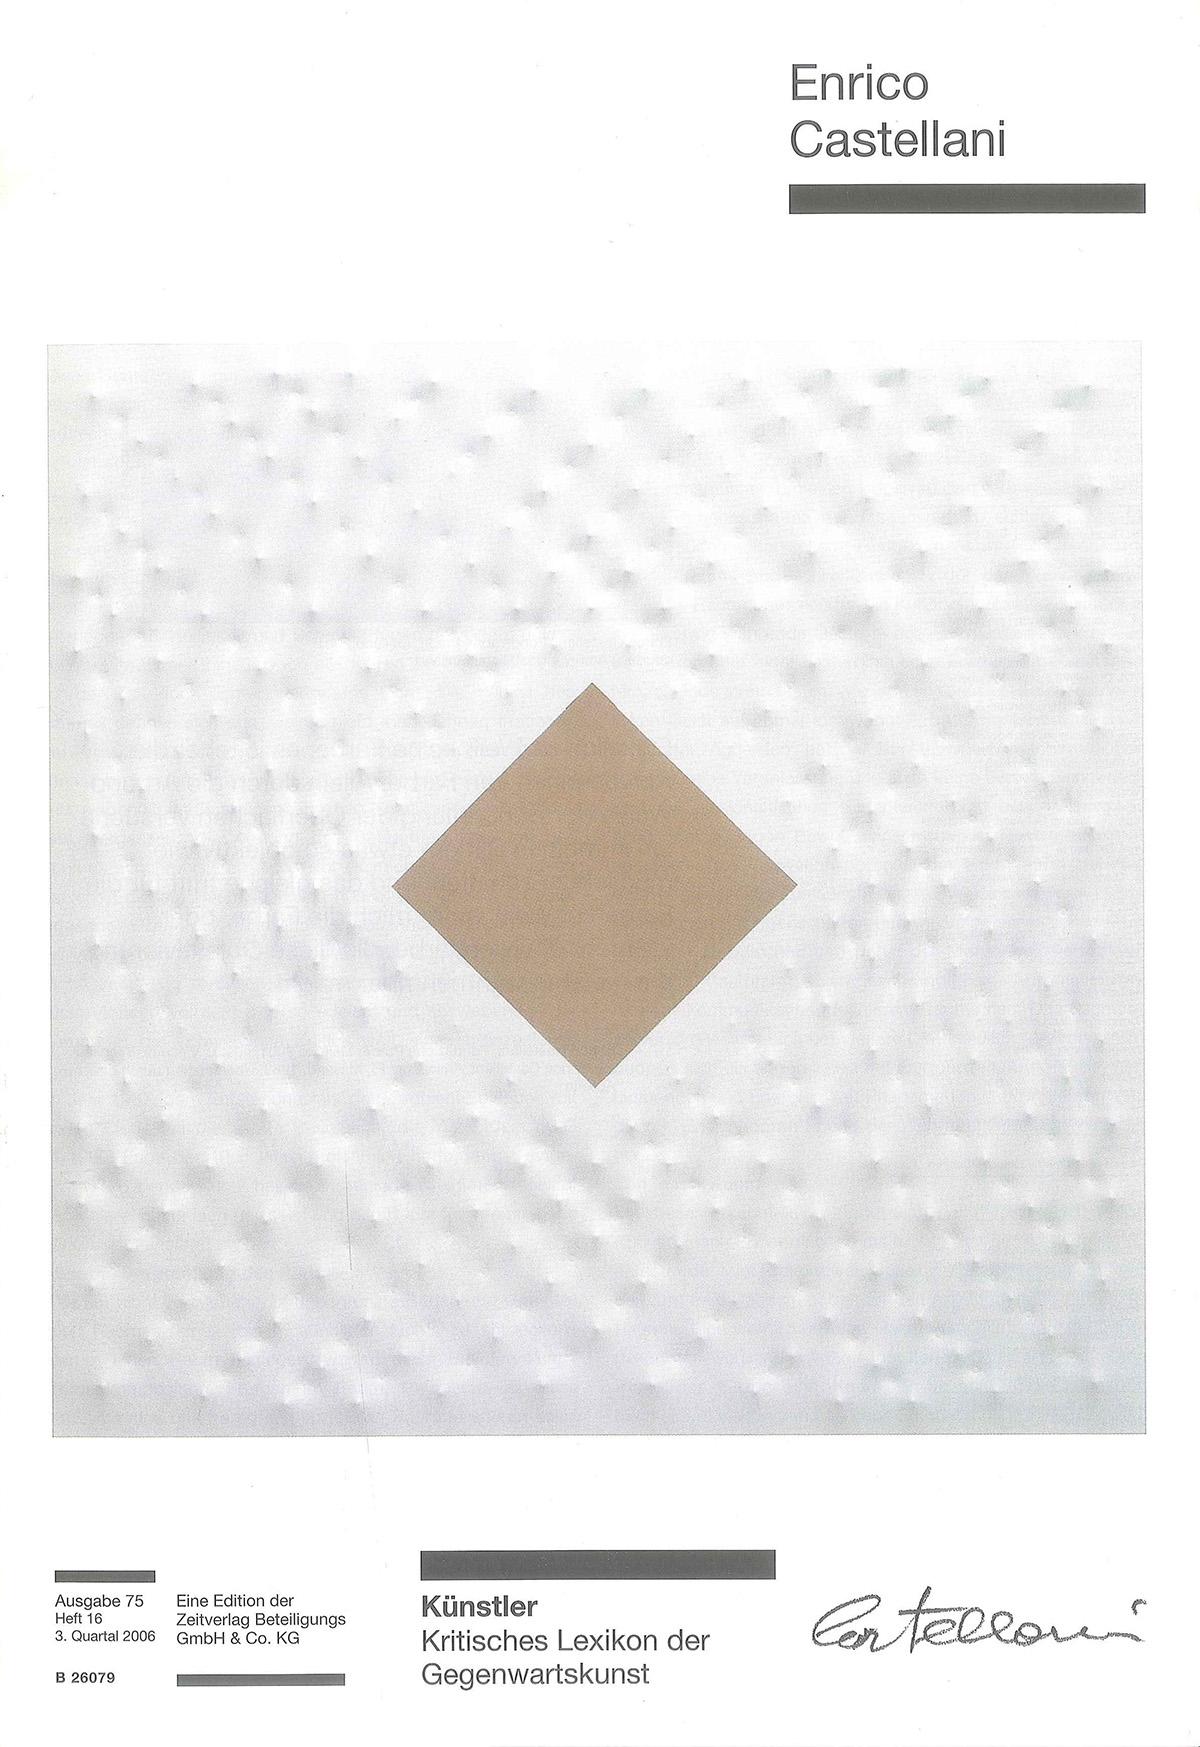 Copertina - Enrico Castellani, Iris Simone Engelke, 2006, Zeitverlag Beteiligungs GmbH & Co., Monaco (DEU)